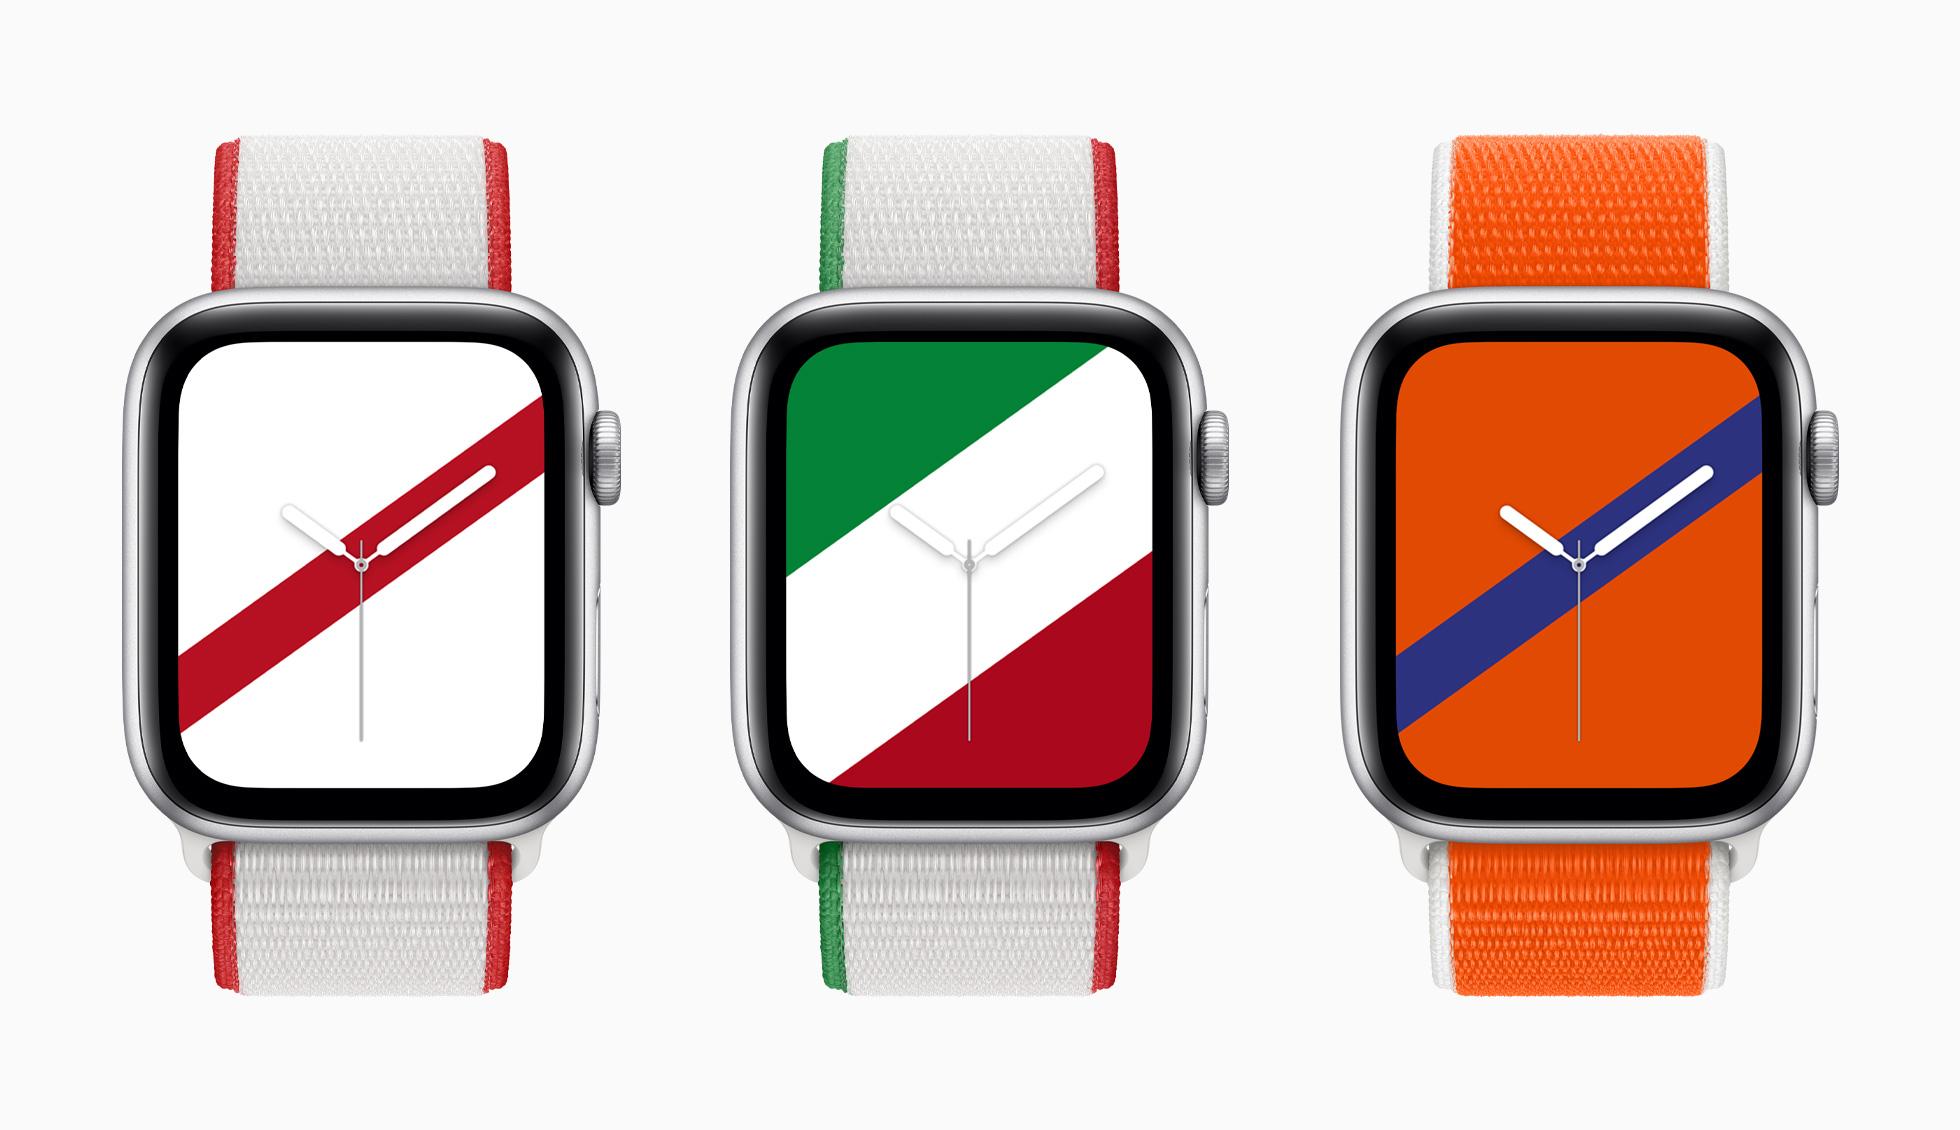 Correas para el Apple Watch basadas en los colores de las banderas de Japón, México y Países Bajos